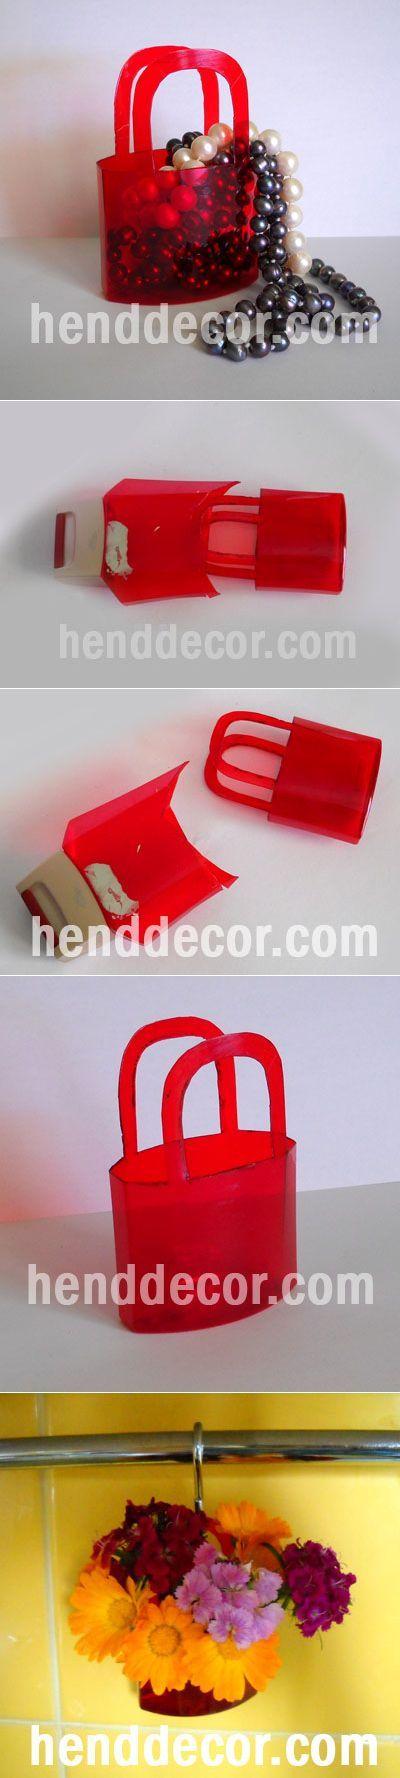 Мини-сумочка из пластиковой бутылки | Калейдоскоп декора